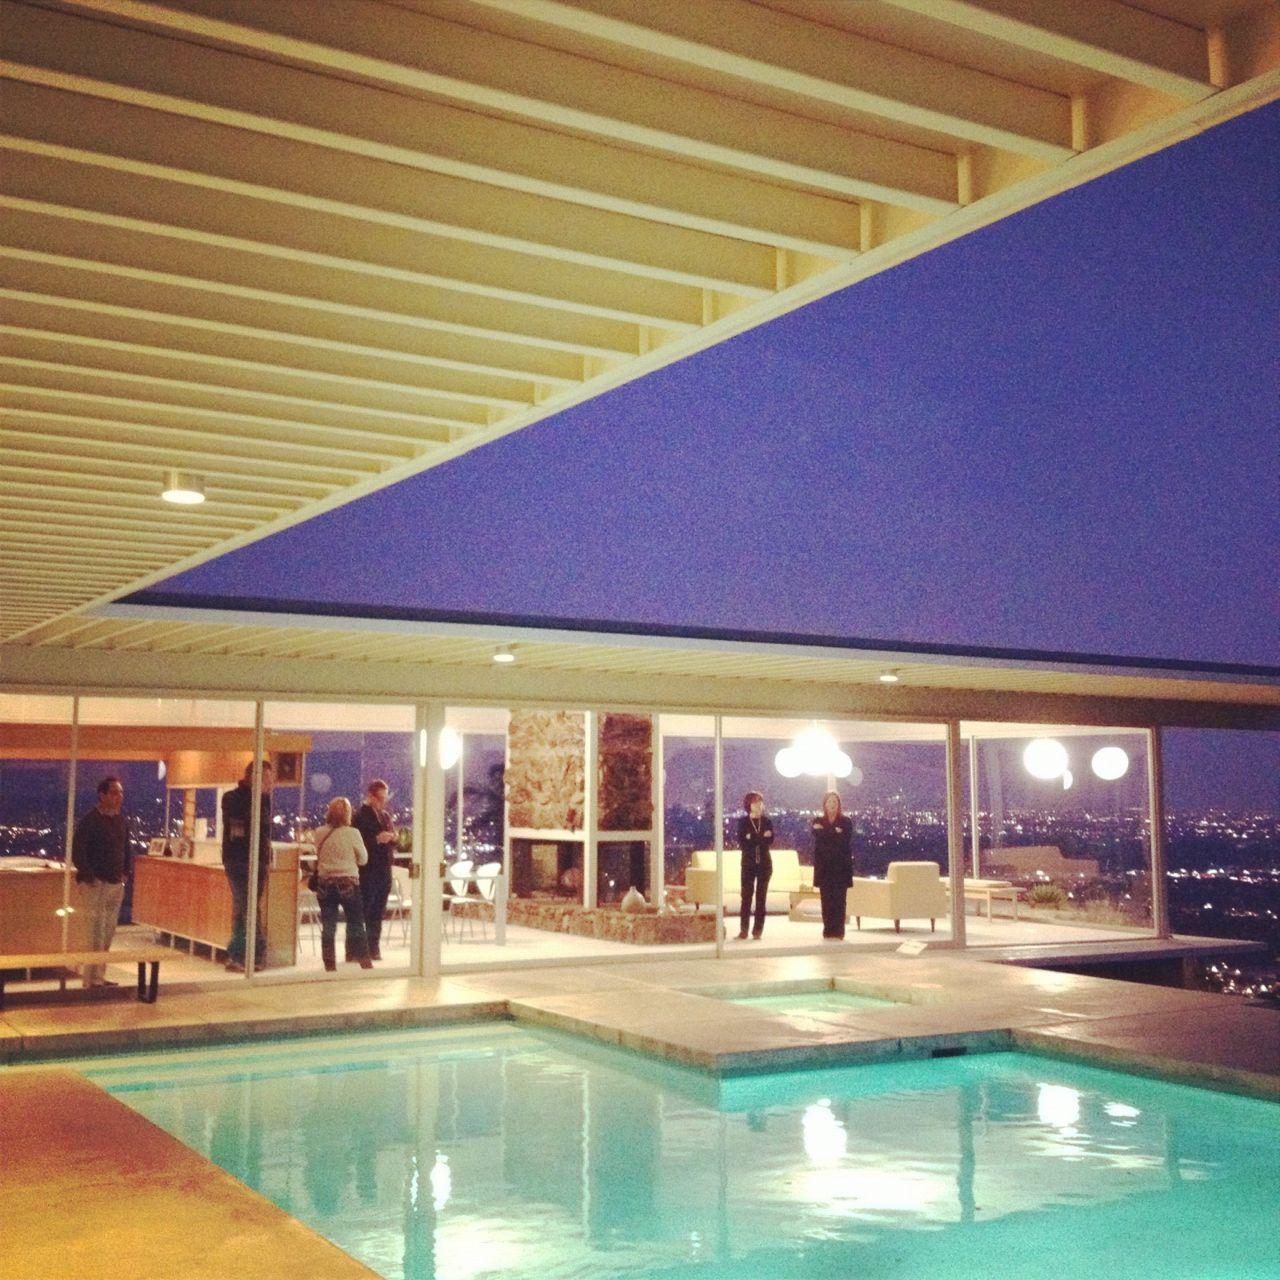 modern interior design  Case Study House Model      Pierre Koenig